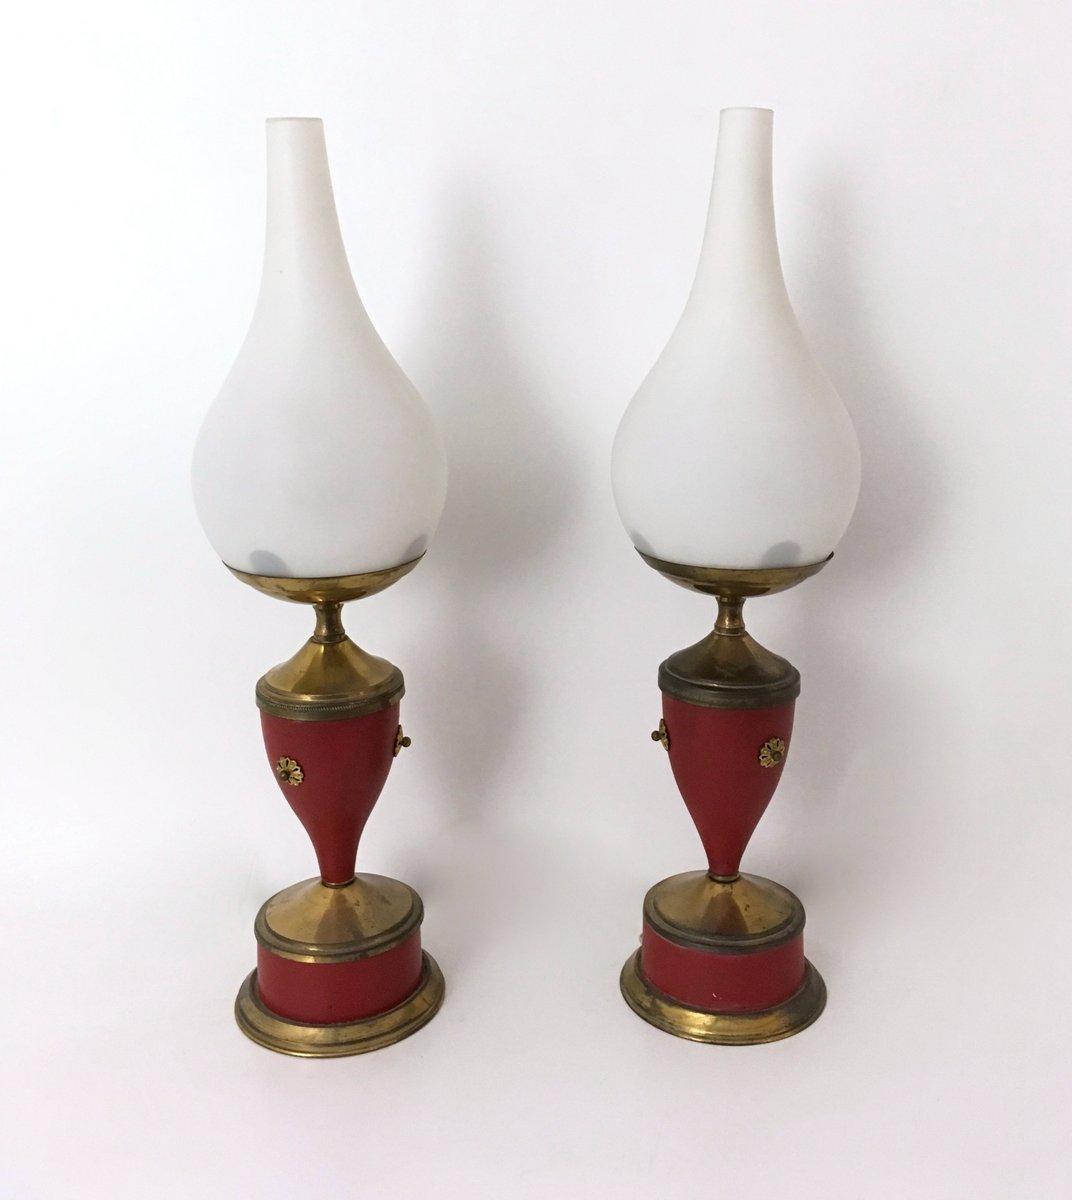 Lampade da tavolo mid century in ottone e vetro opalino - Lampade da tavolo anni 50 ...